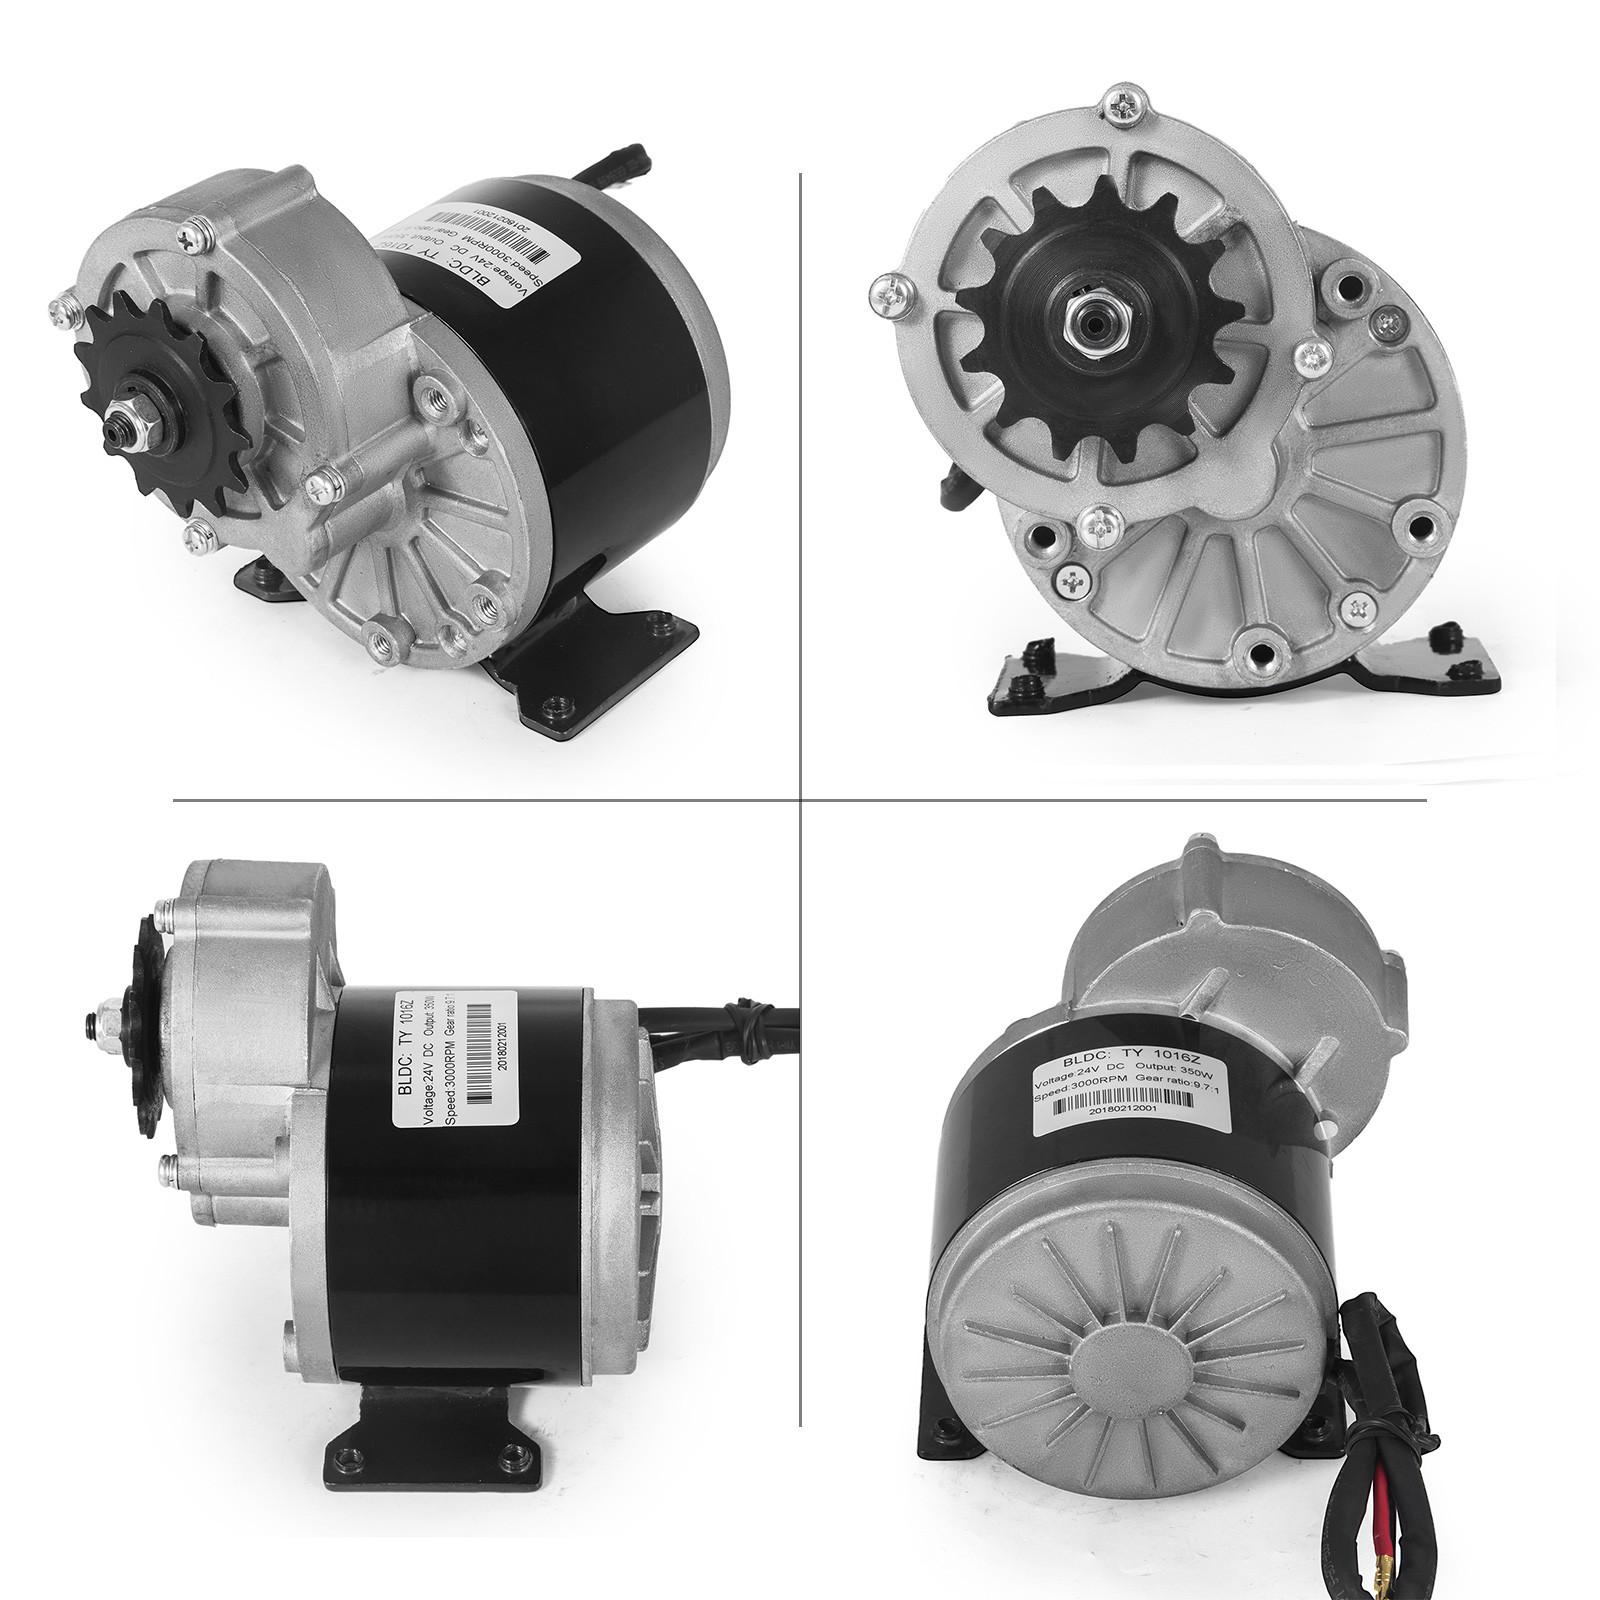 Electric-Motor-E-bike-Motor-controller-kit-DC-24v-12v-Minibike-E-Scooter-ATV thumbnail 60